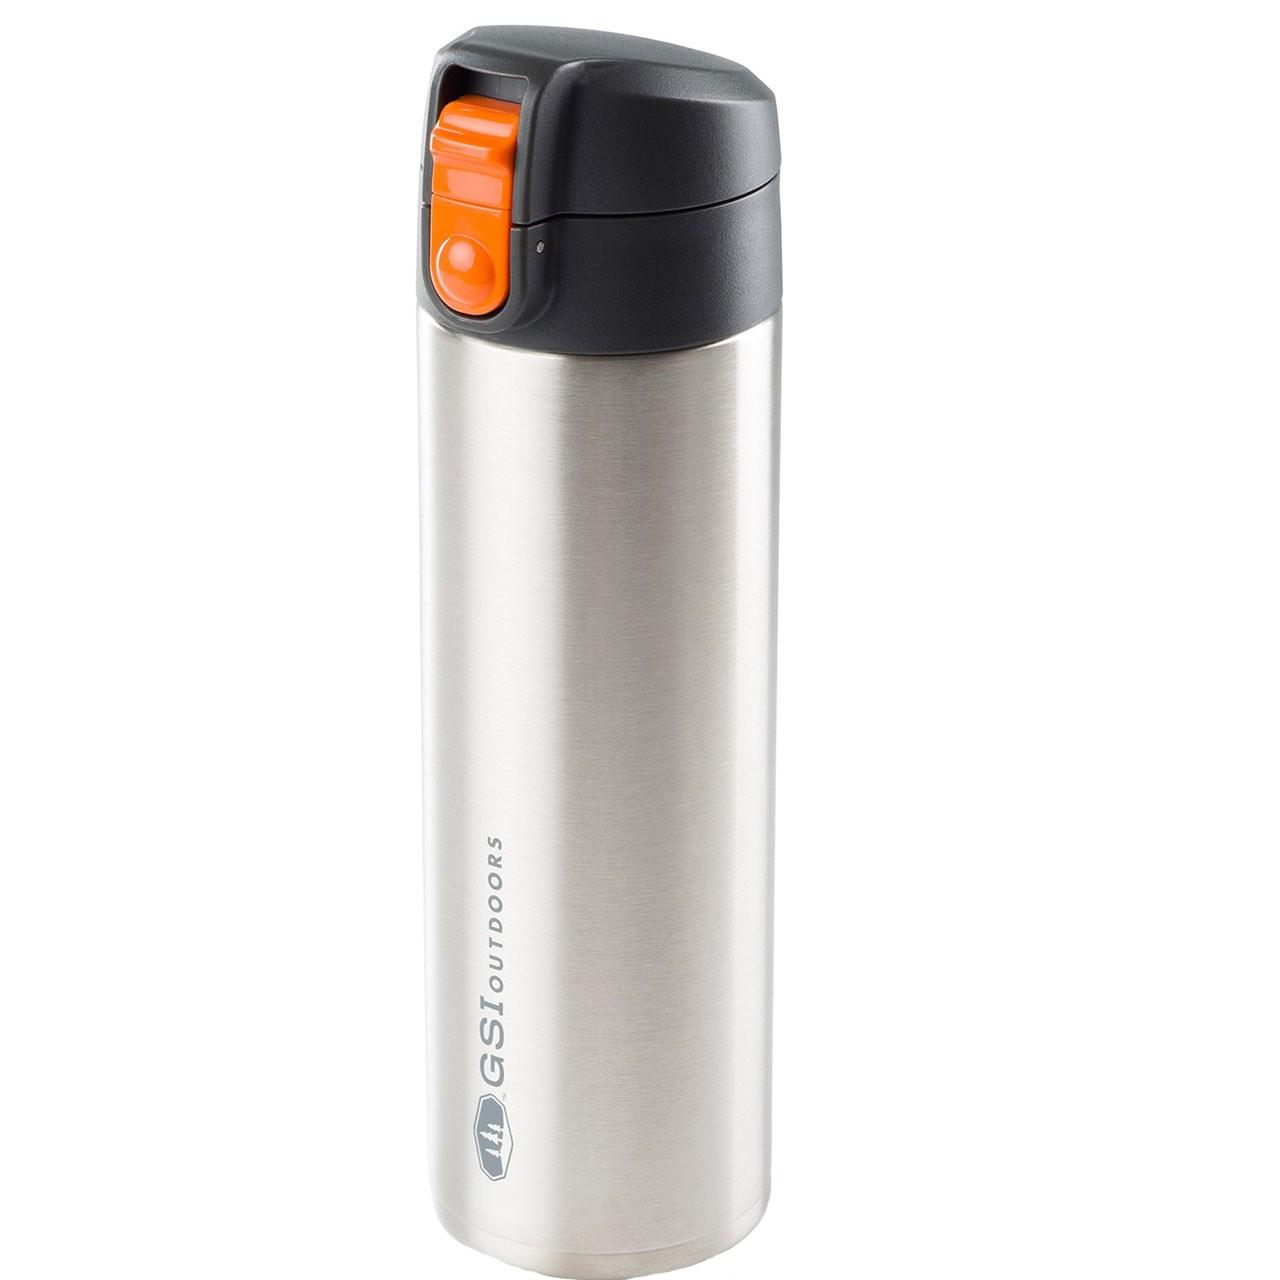 فلاسک جی اس آی مدل Microlite ظرفیت 0.5 لیتر